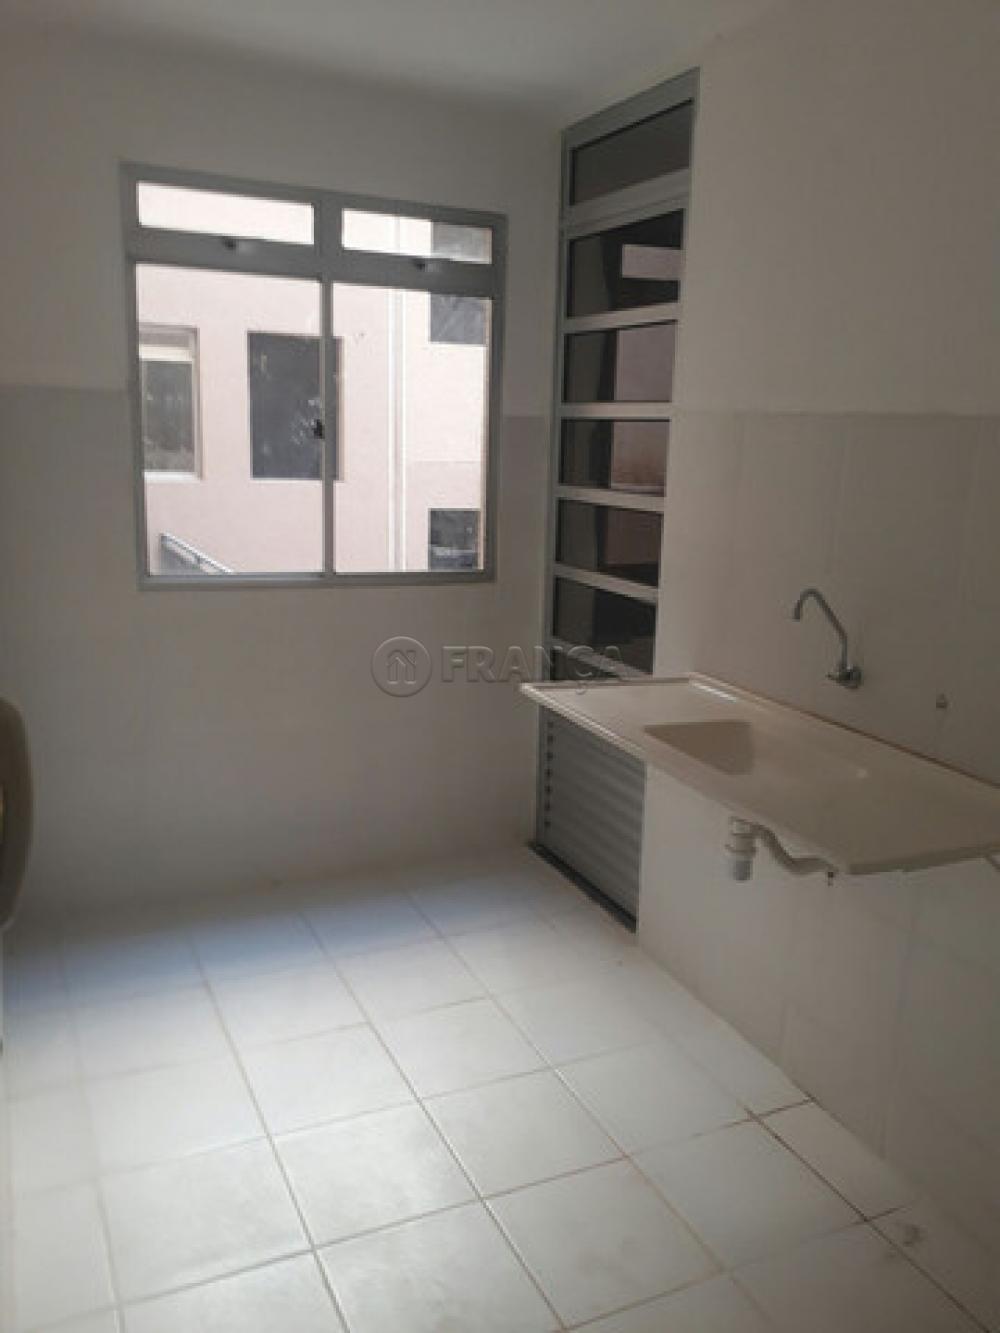 Comprar Apartamento / Padrão em São José dos Campos R$ 220.000,00 - Foto 2